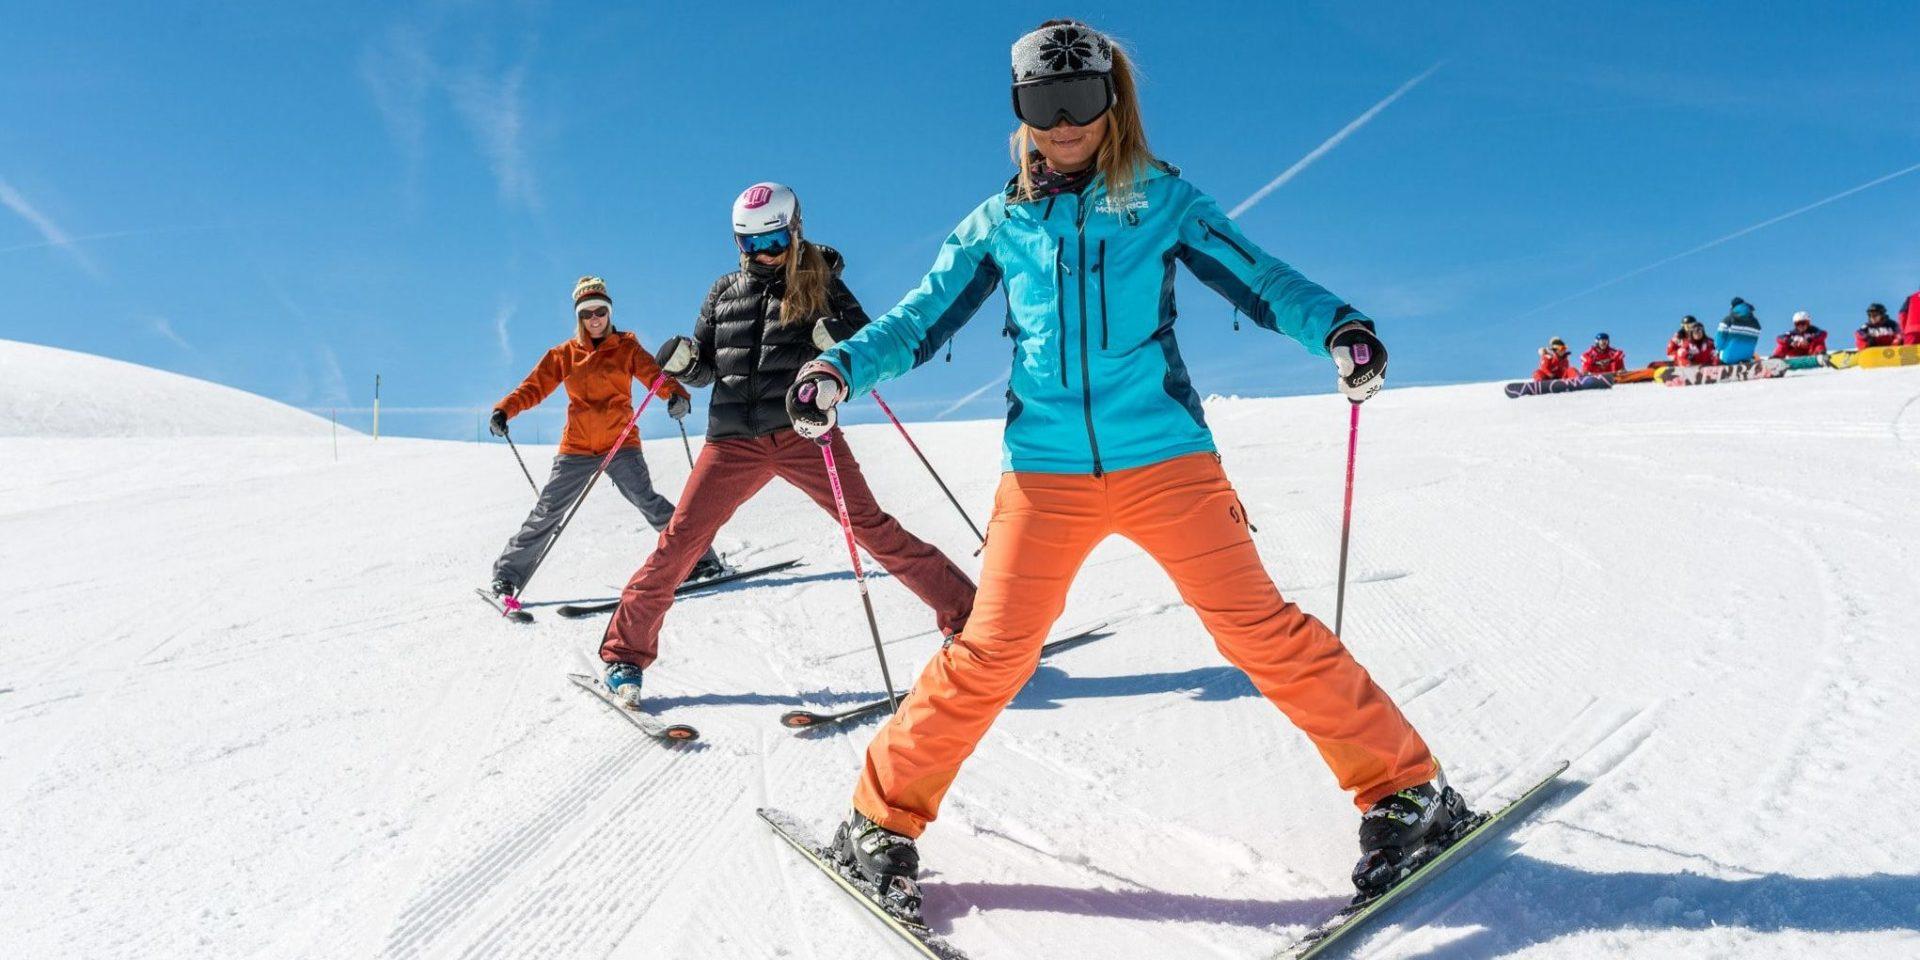 Skiles wintersport skivakantie luxe meiden skiën sneeuw groep Frankrijk Oostenrijk Zwitserland